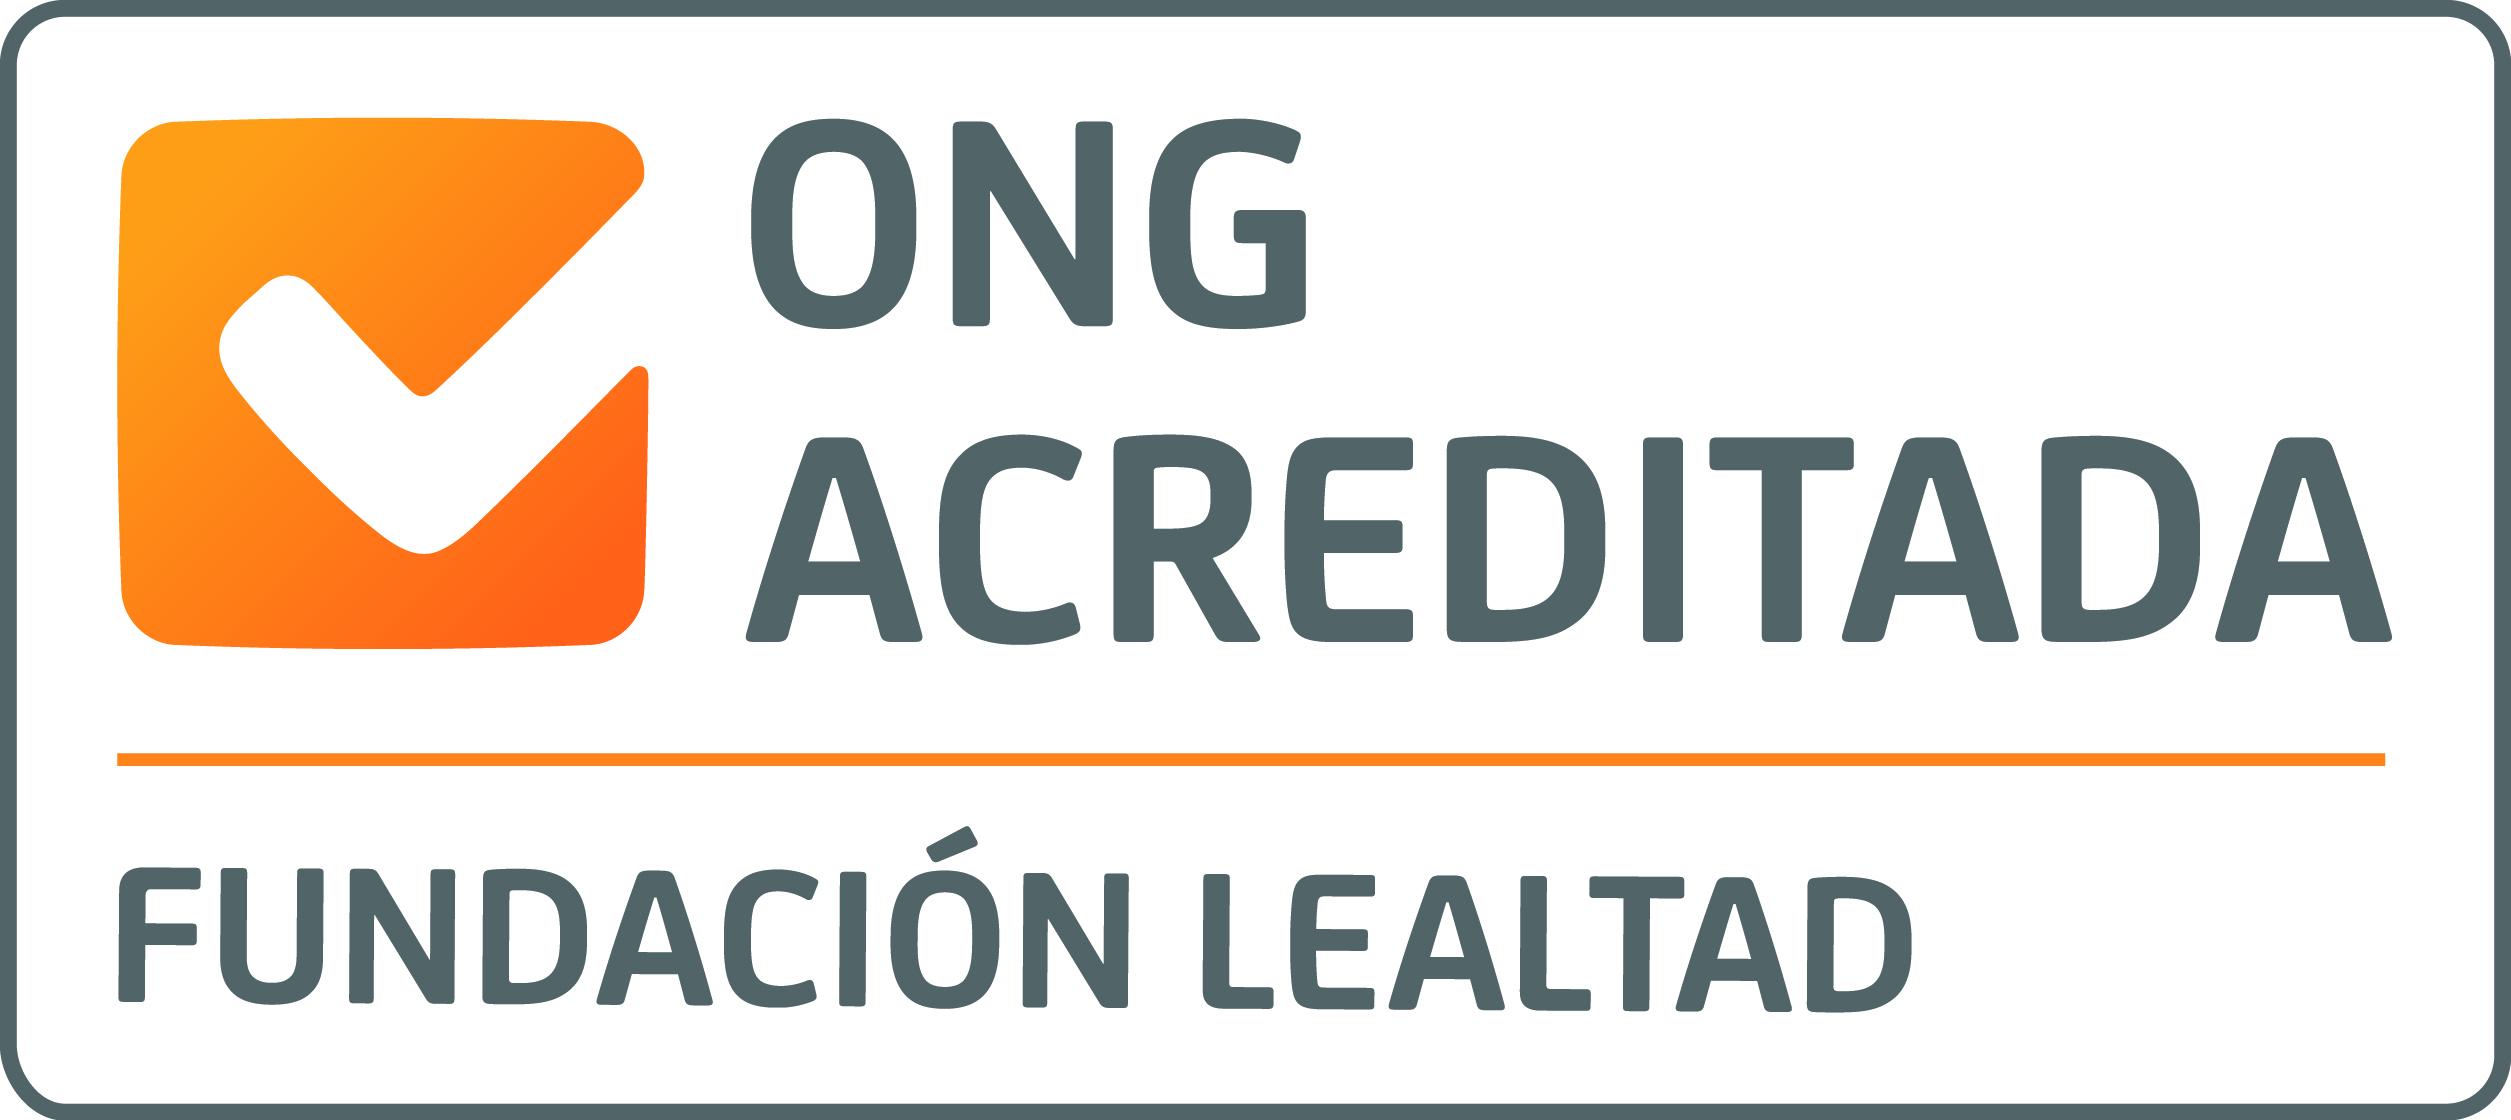 ONG ACREDITADA